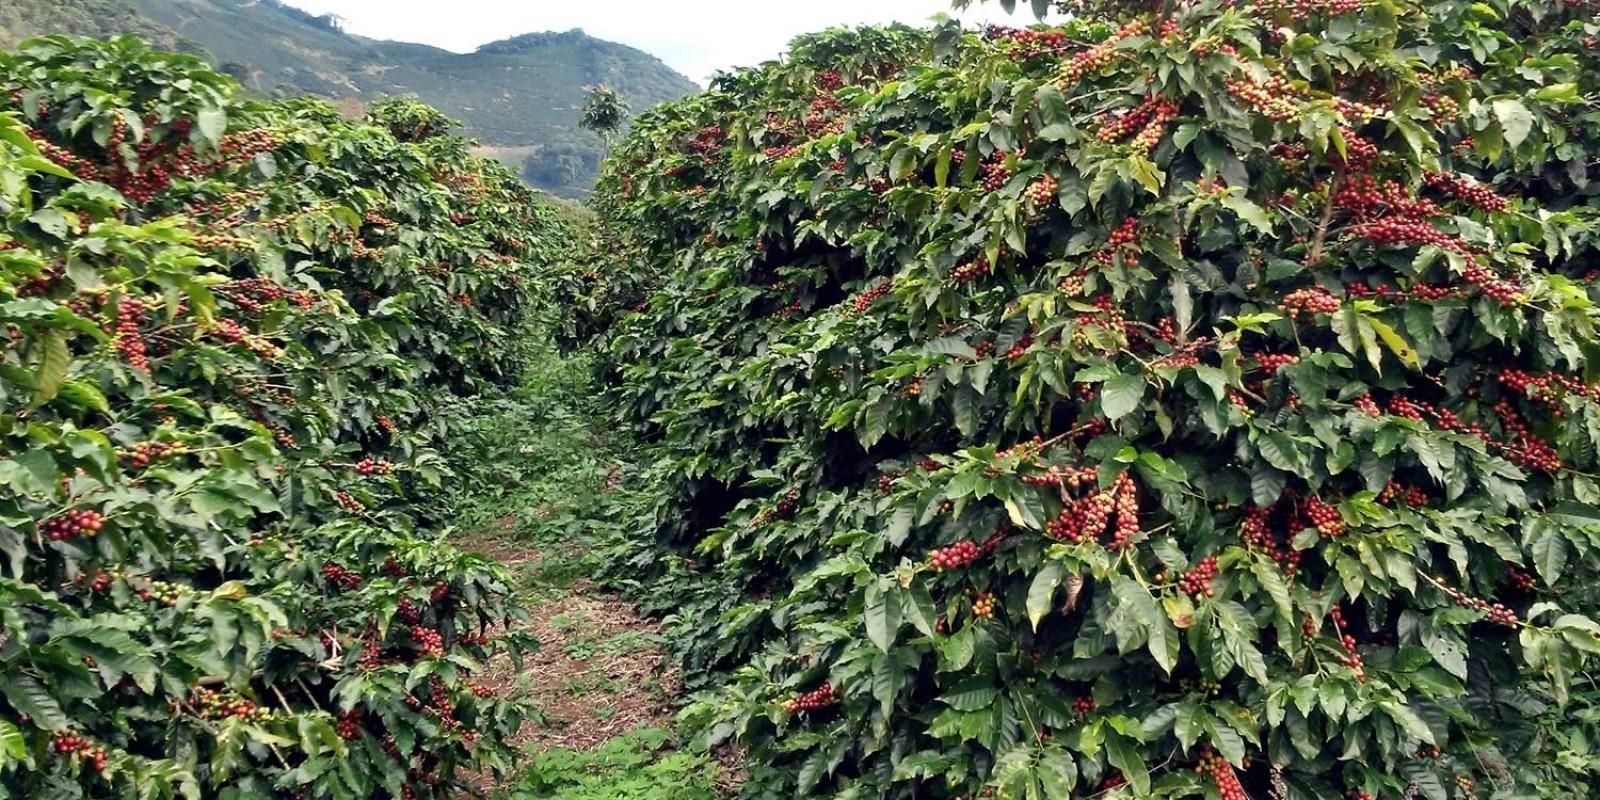 Levantamento de café da Conab confirma produção recorde de 58 milhões de sacas